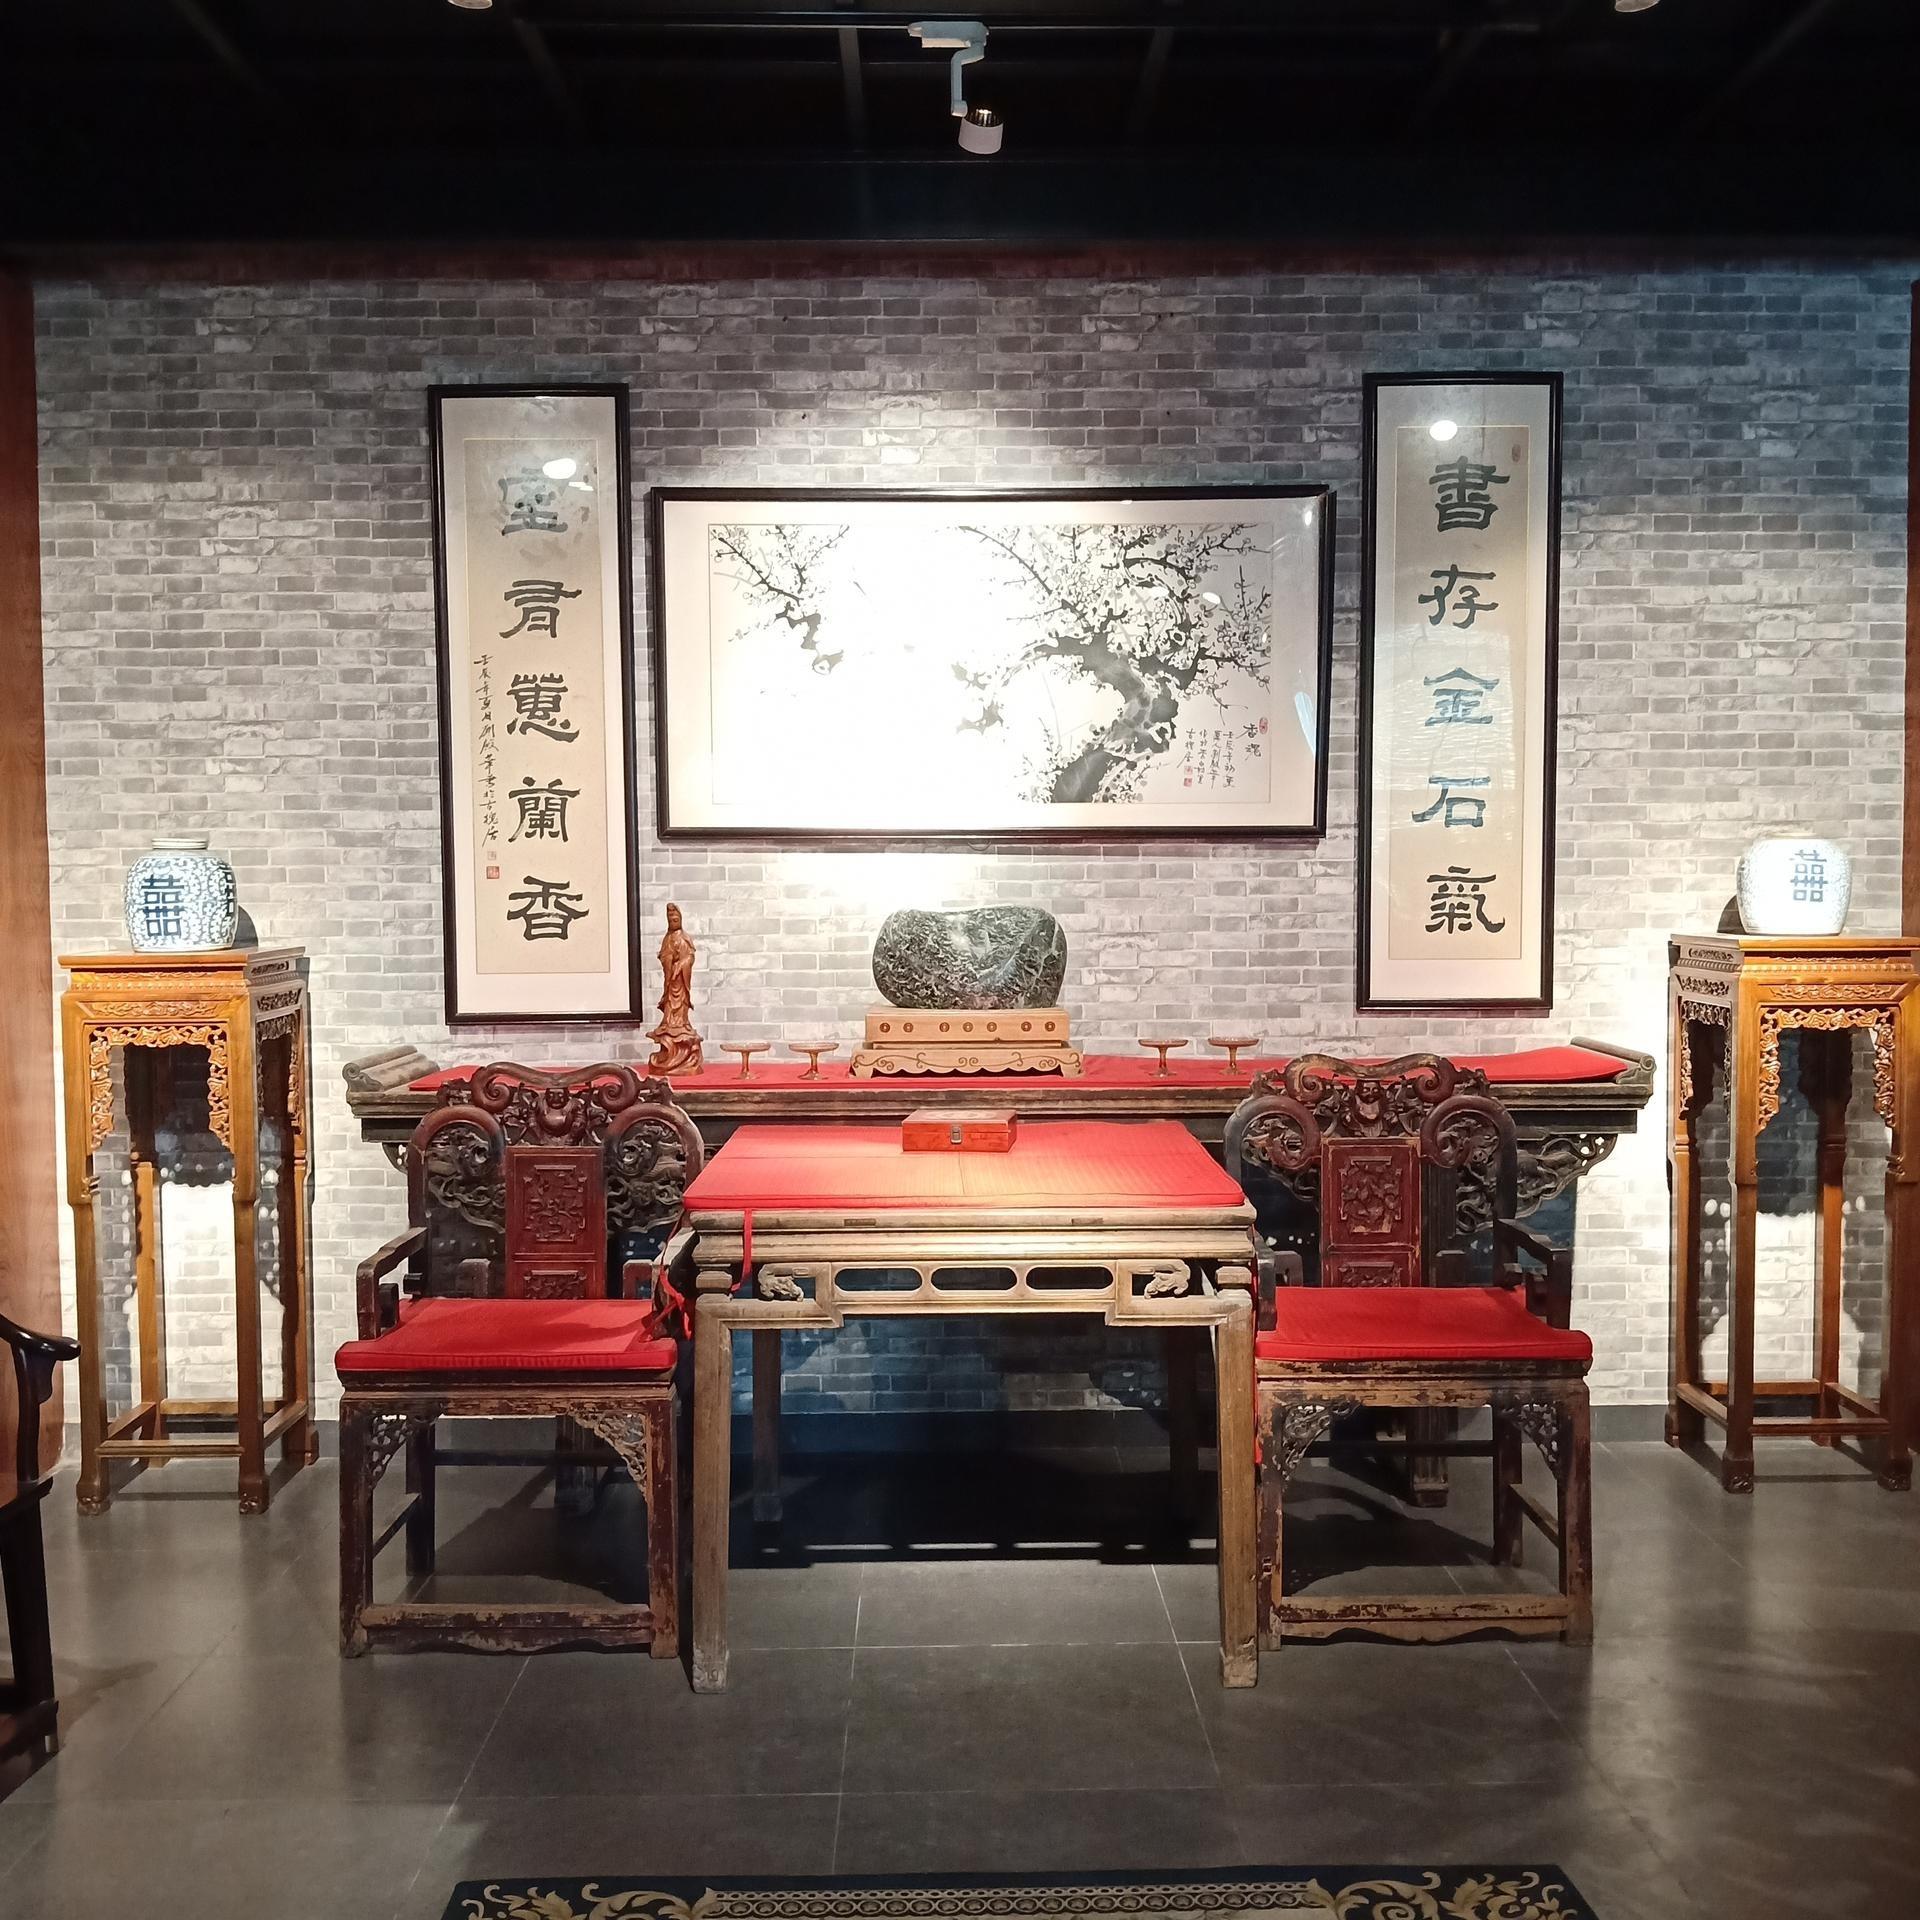 新都区森德强新中式禅意家具丨成都设计工作室专业定制提供明清中式家具丨布艺软体实木结合家具